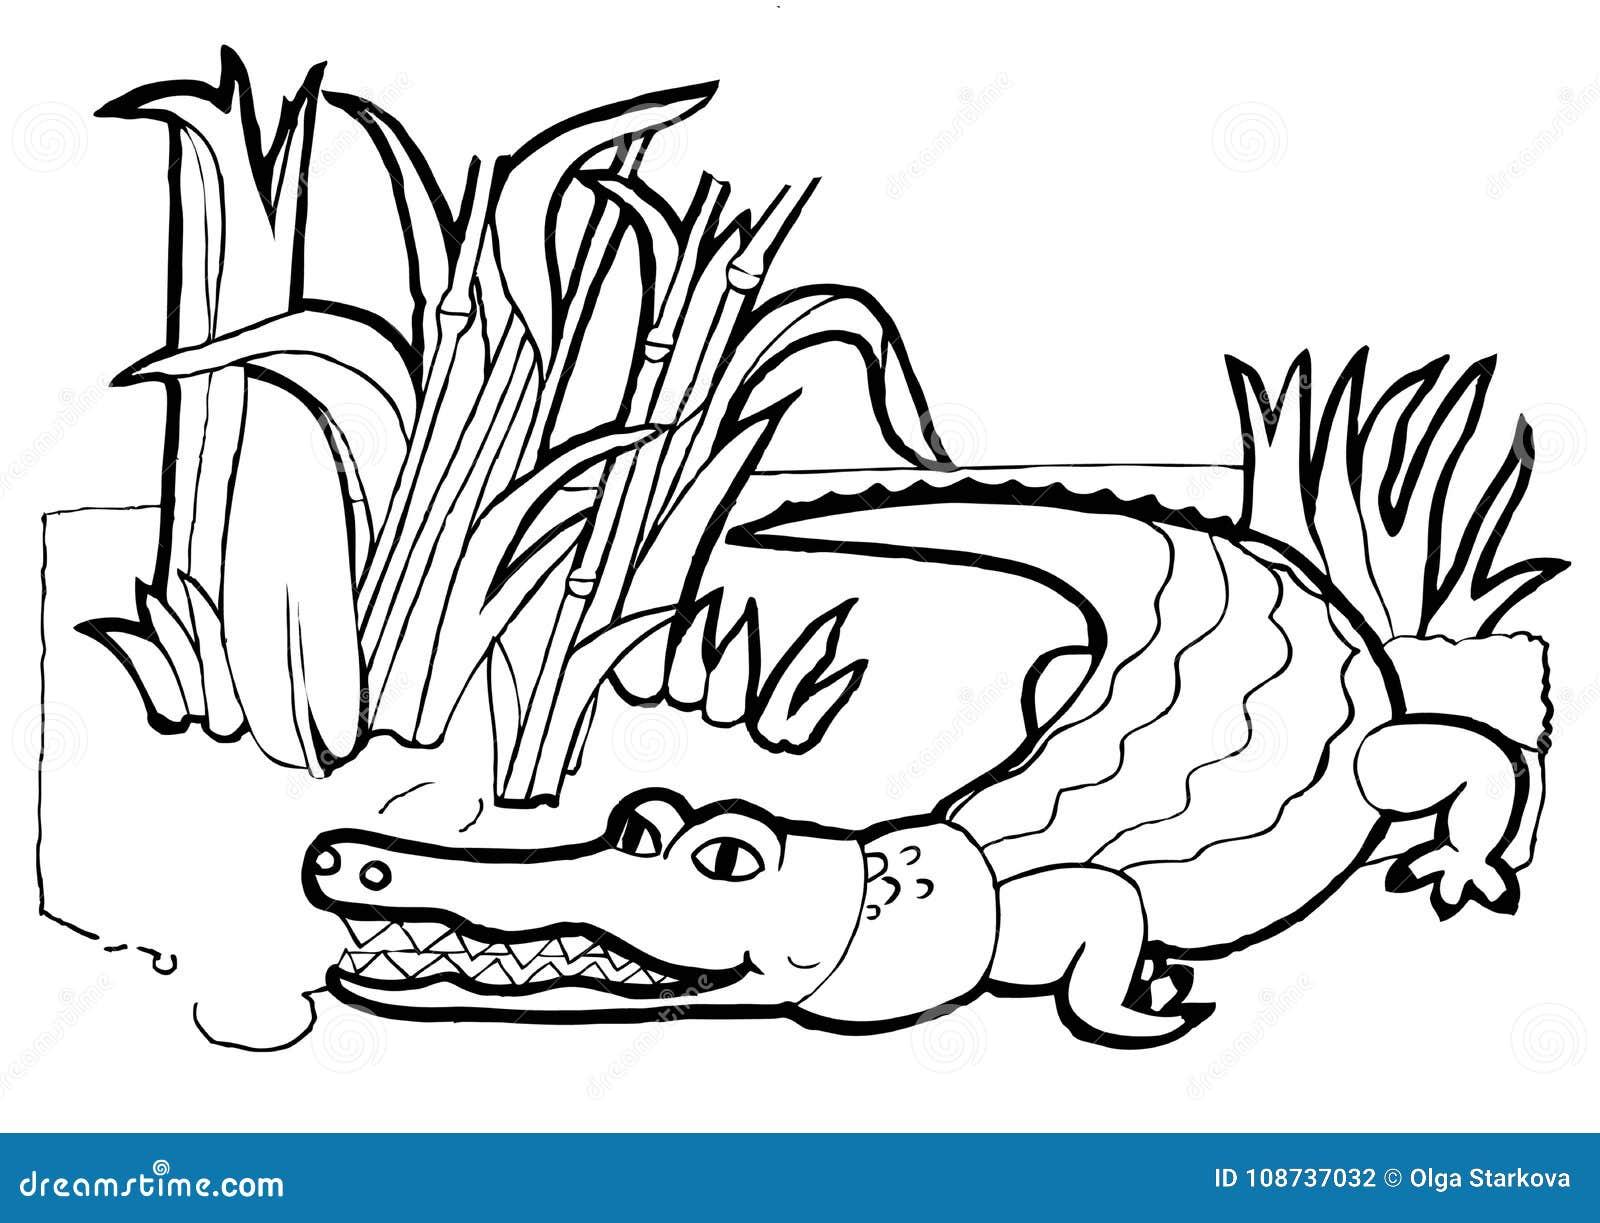 Coccodrillo libro da colorare versione in bianco e nero for Coccodrillo da colorare